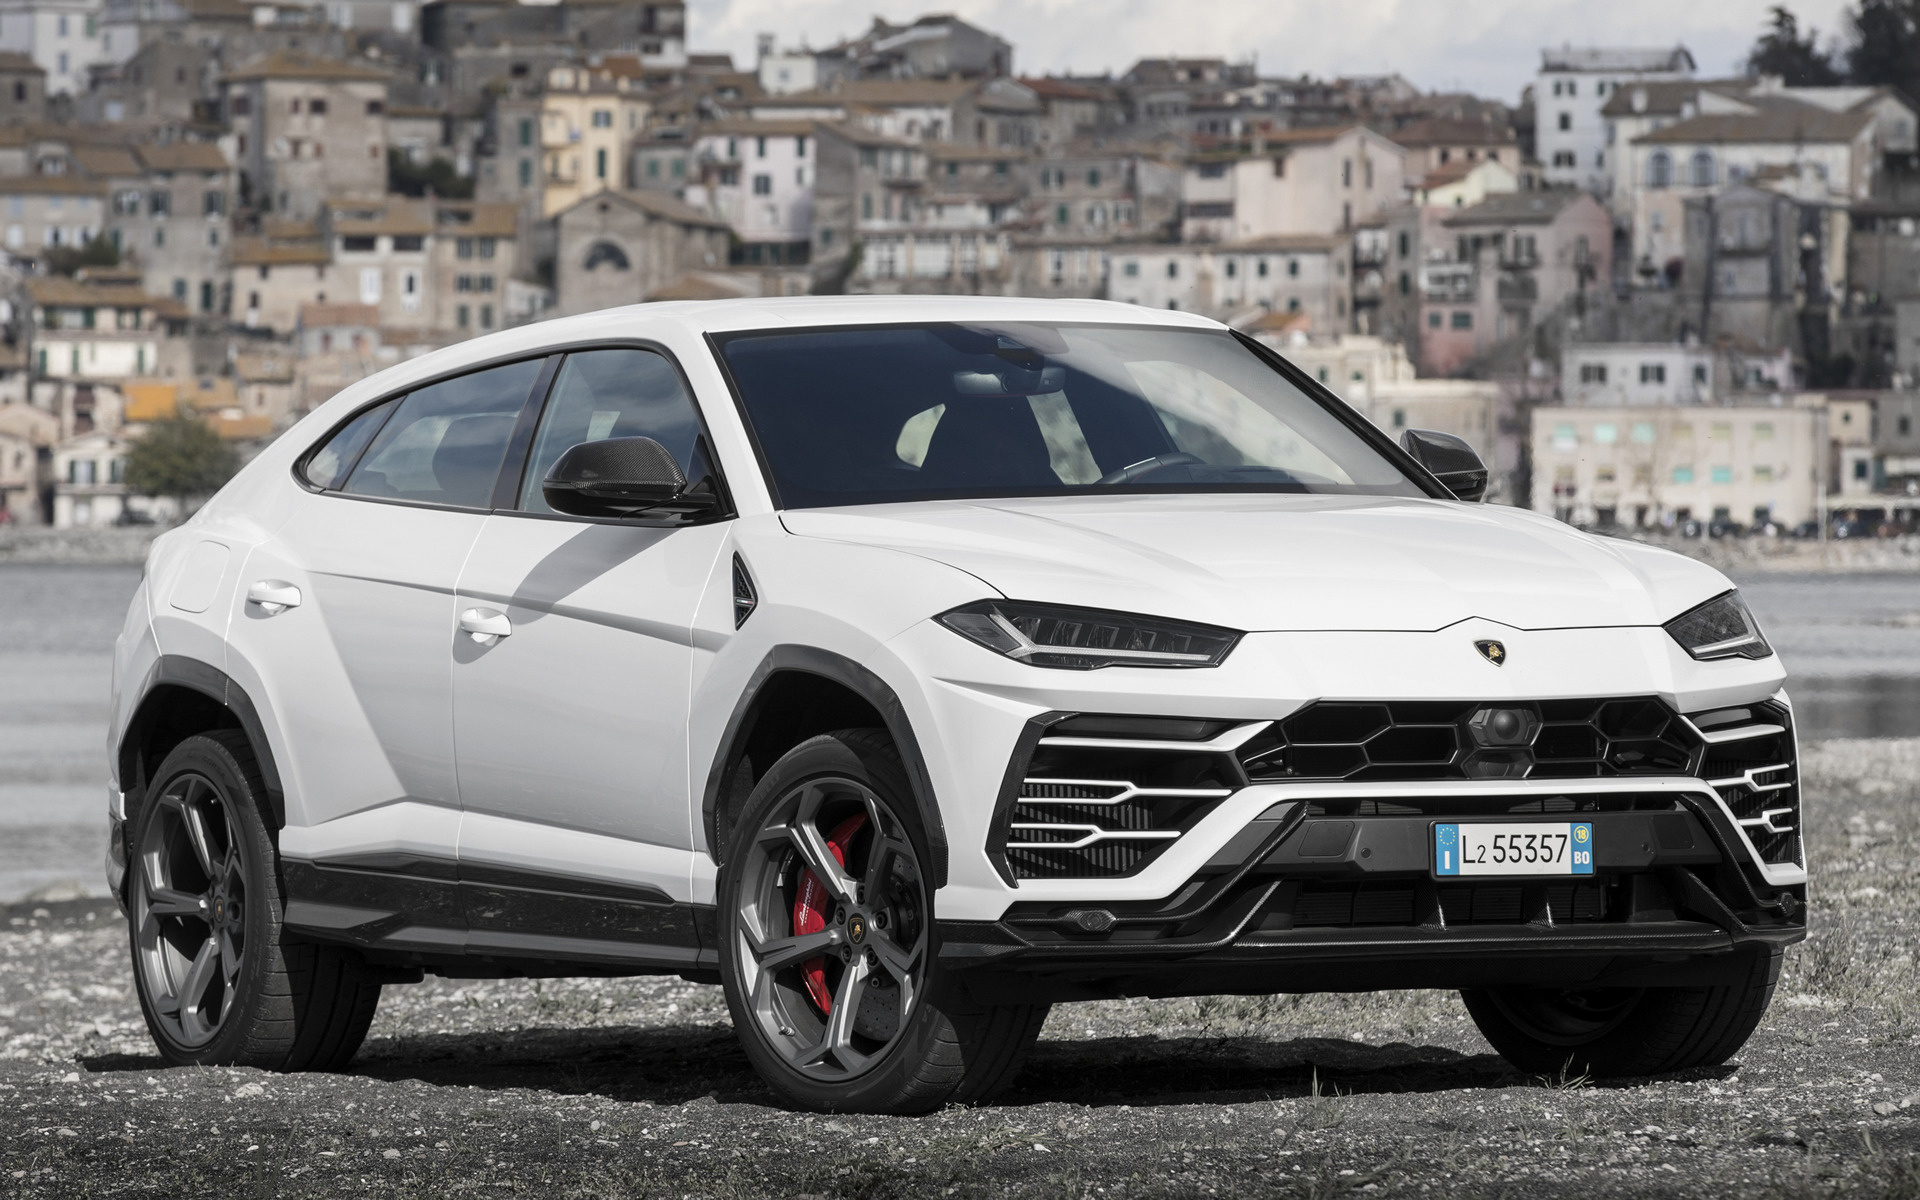 2018 Lamborghini Urus Carbon Package - Fonds d'écran et images HD   Car Pixel